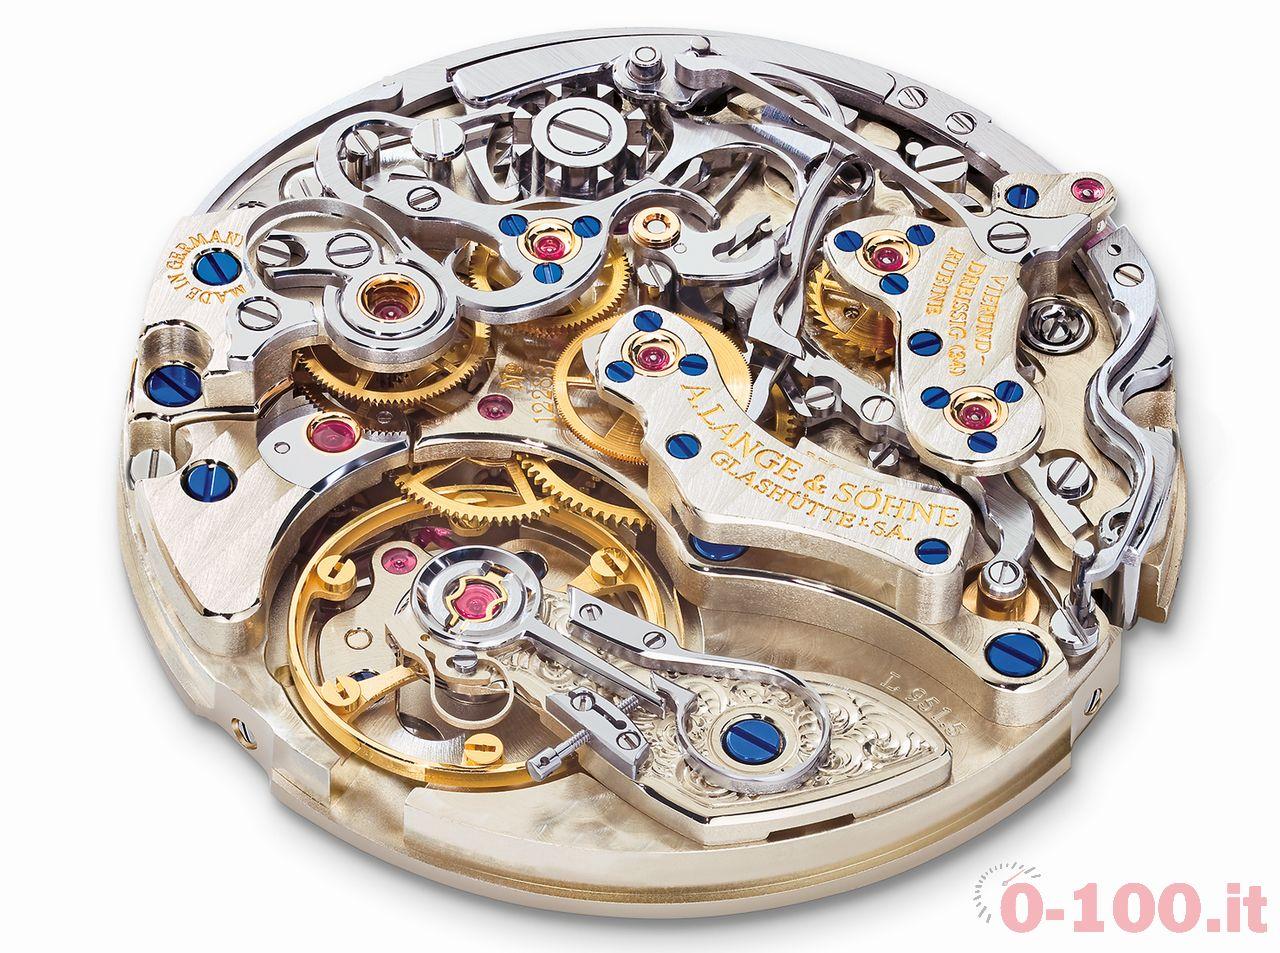 watches-wonders-2015-a-lange-sohne-1815-cronografo-1815-cronografo-edizione-speciale-boutique_0-1003